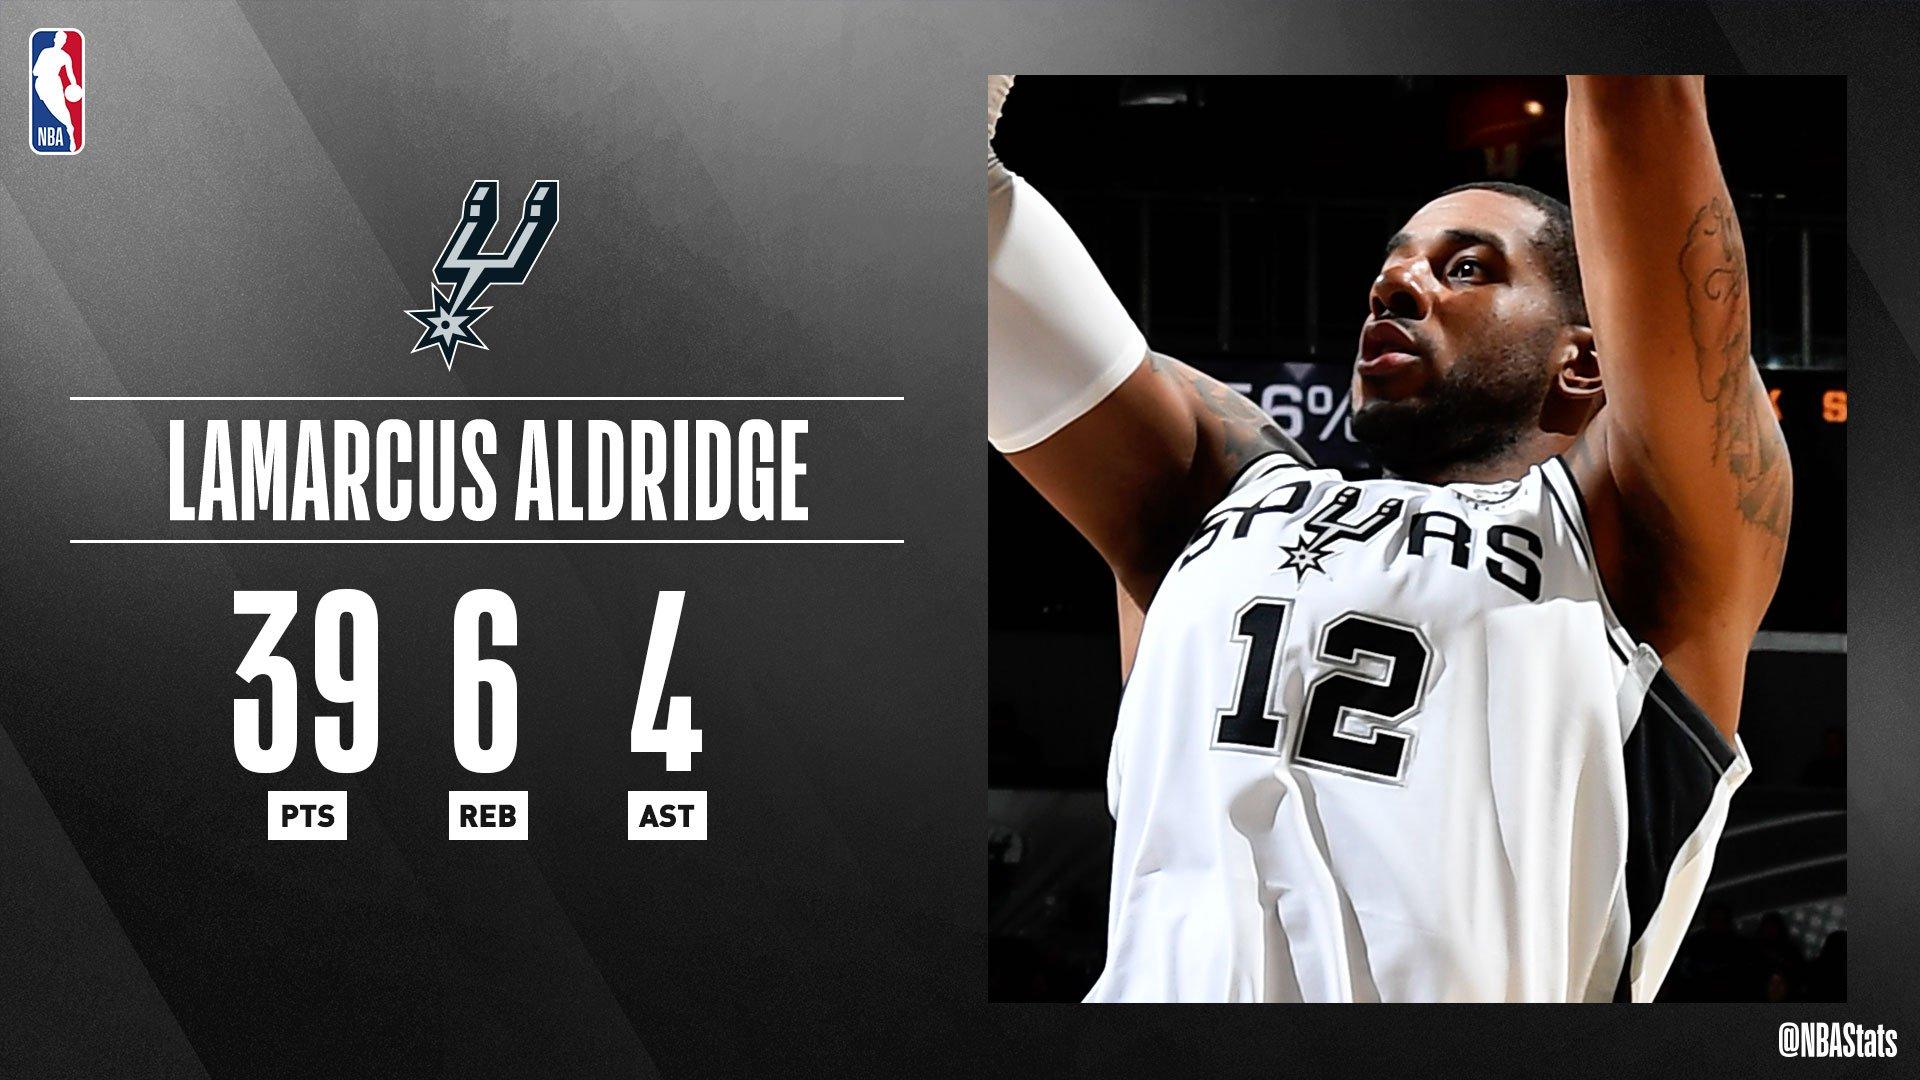 NBA官方评选今日最佳数据:阿德39分6板4助攻当选